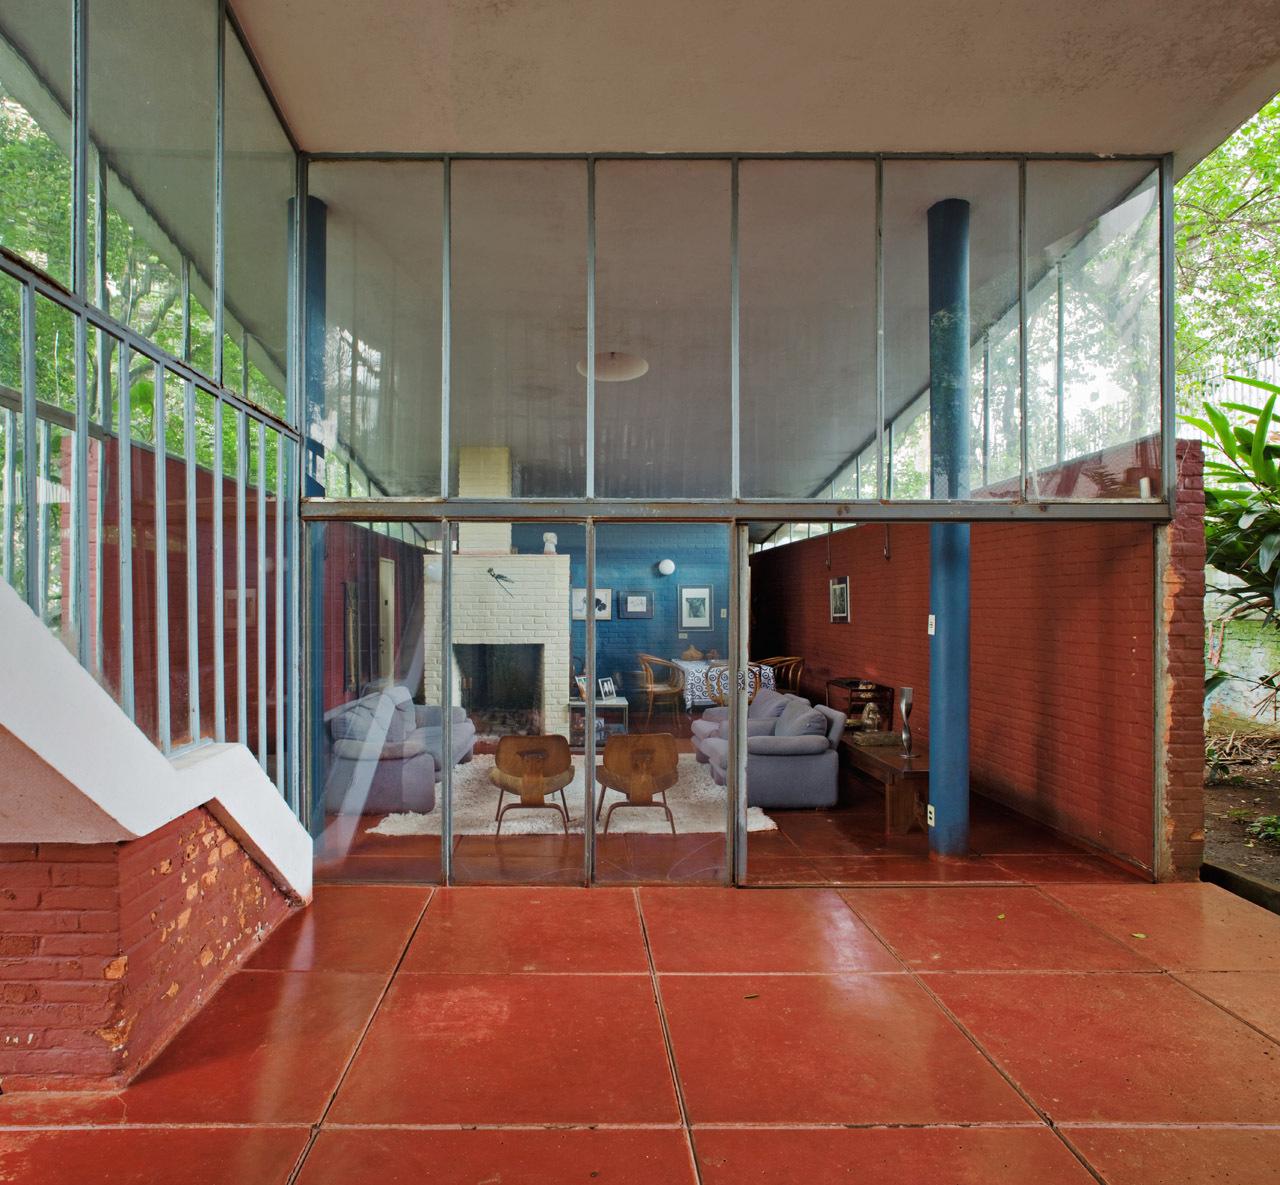 residência vilanova artigas II